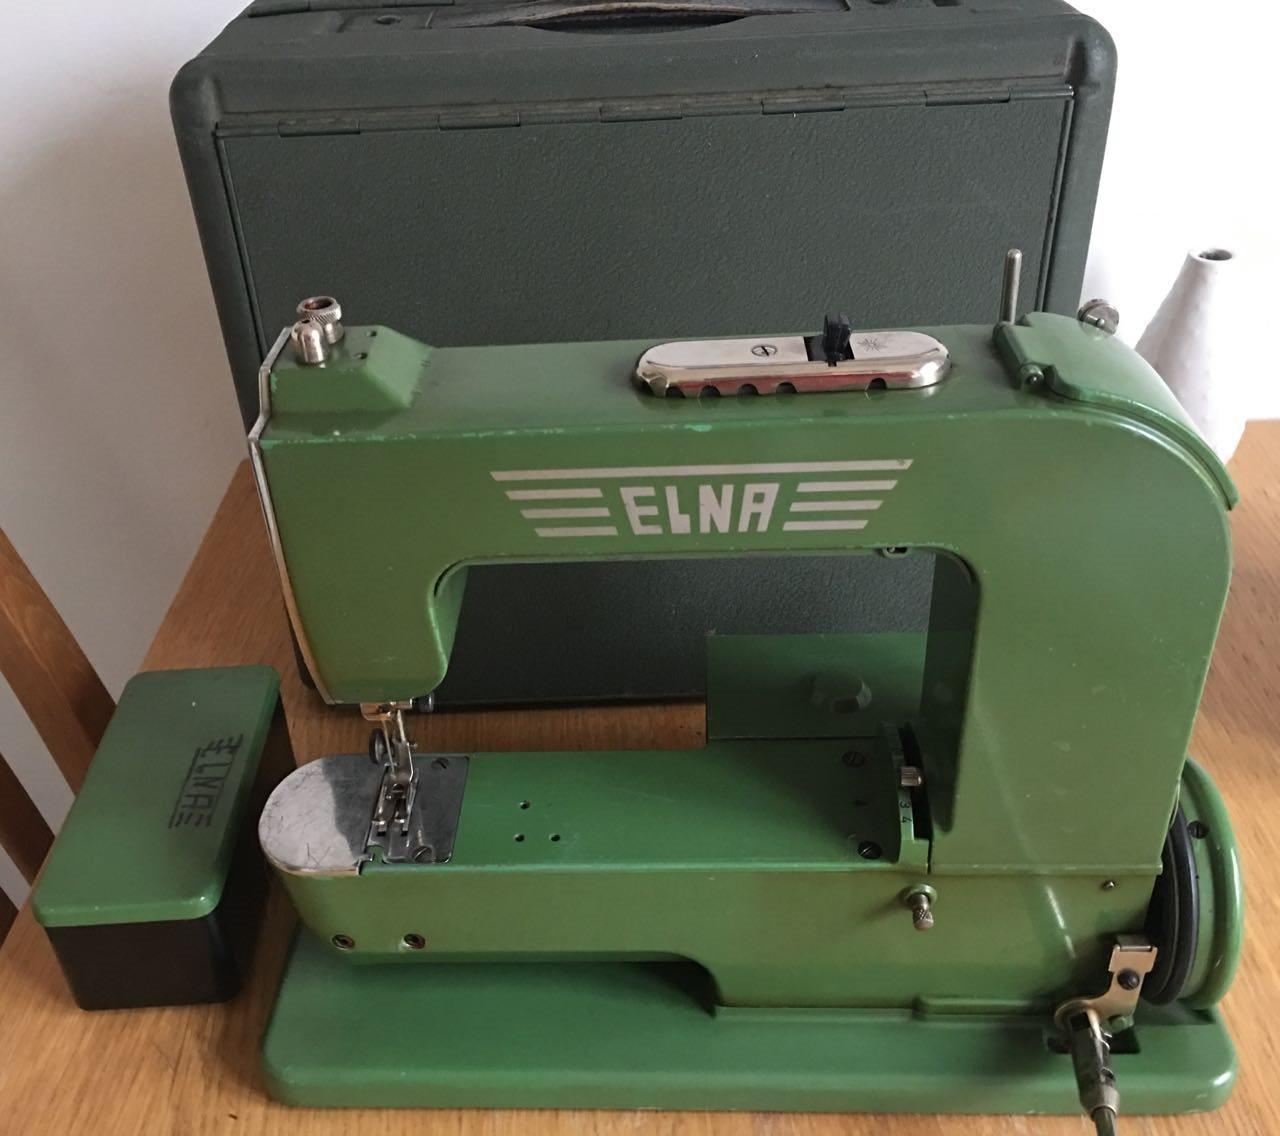 elna symaskin service